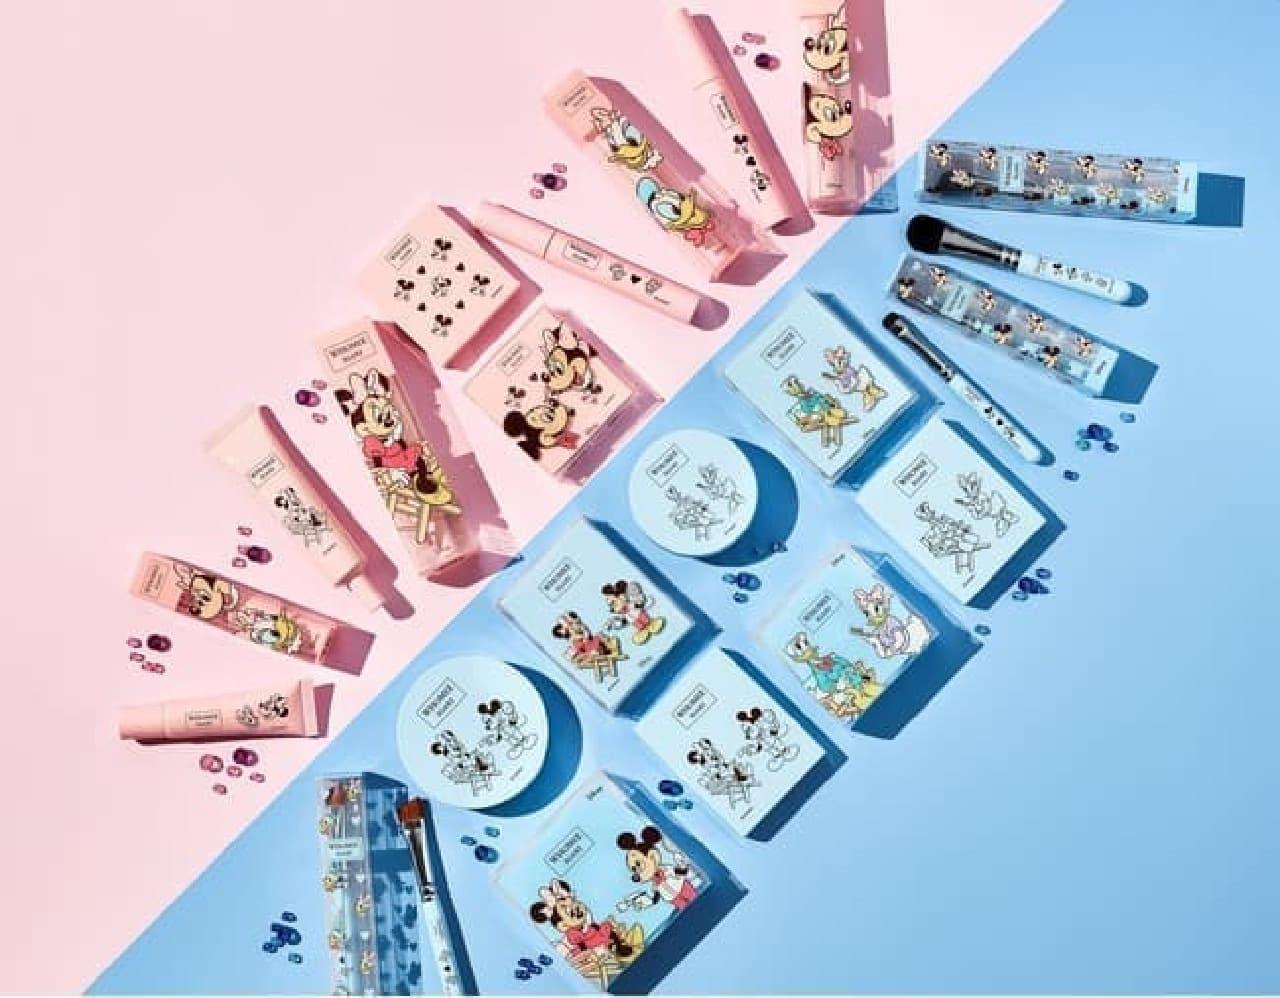 ディズニー×WHOMEEコラボの第2弾!可愛いピンク&ブルーのコスメ